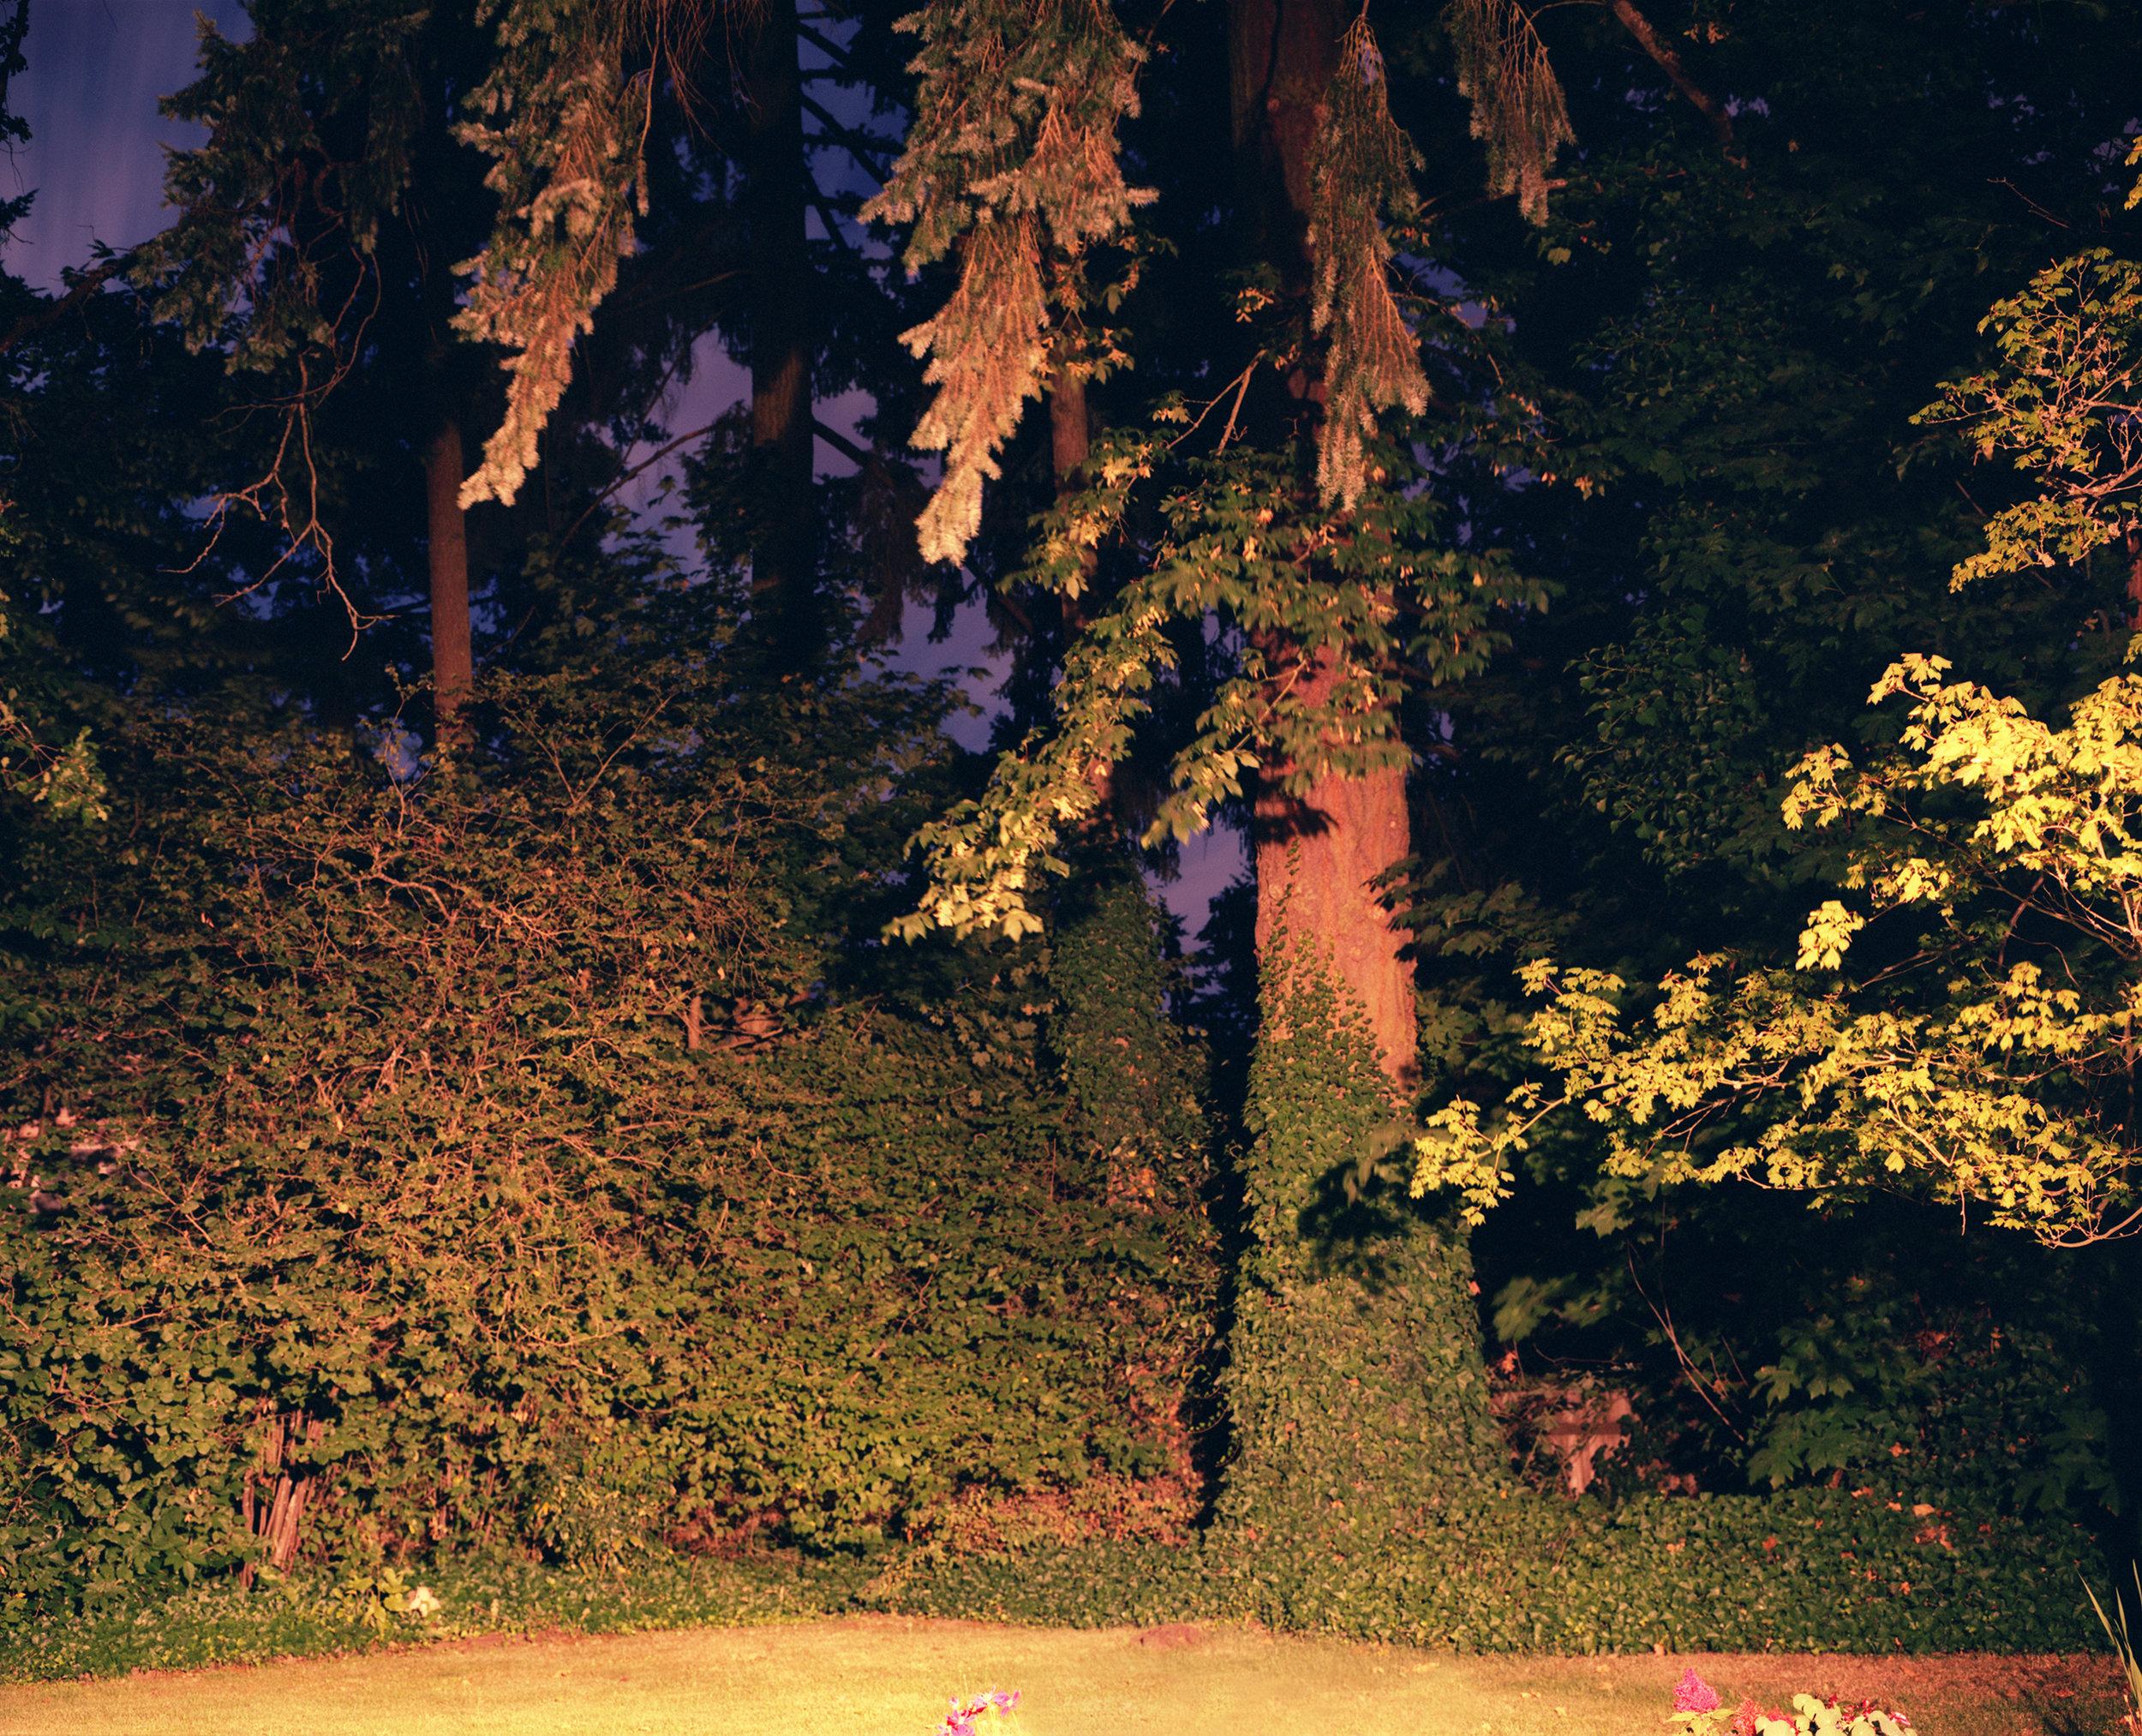 dmiller_bkyrd_a_tree.jpg